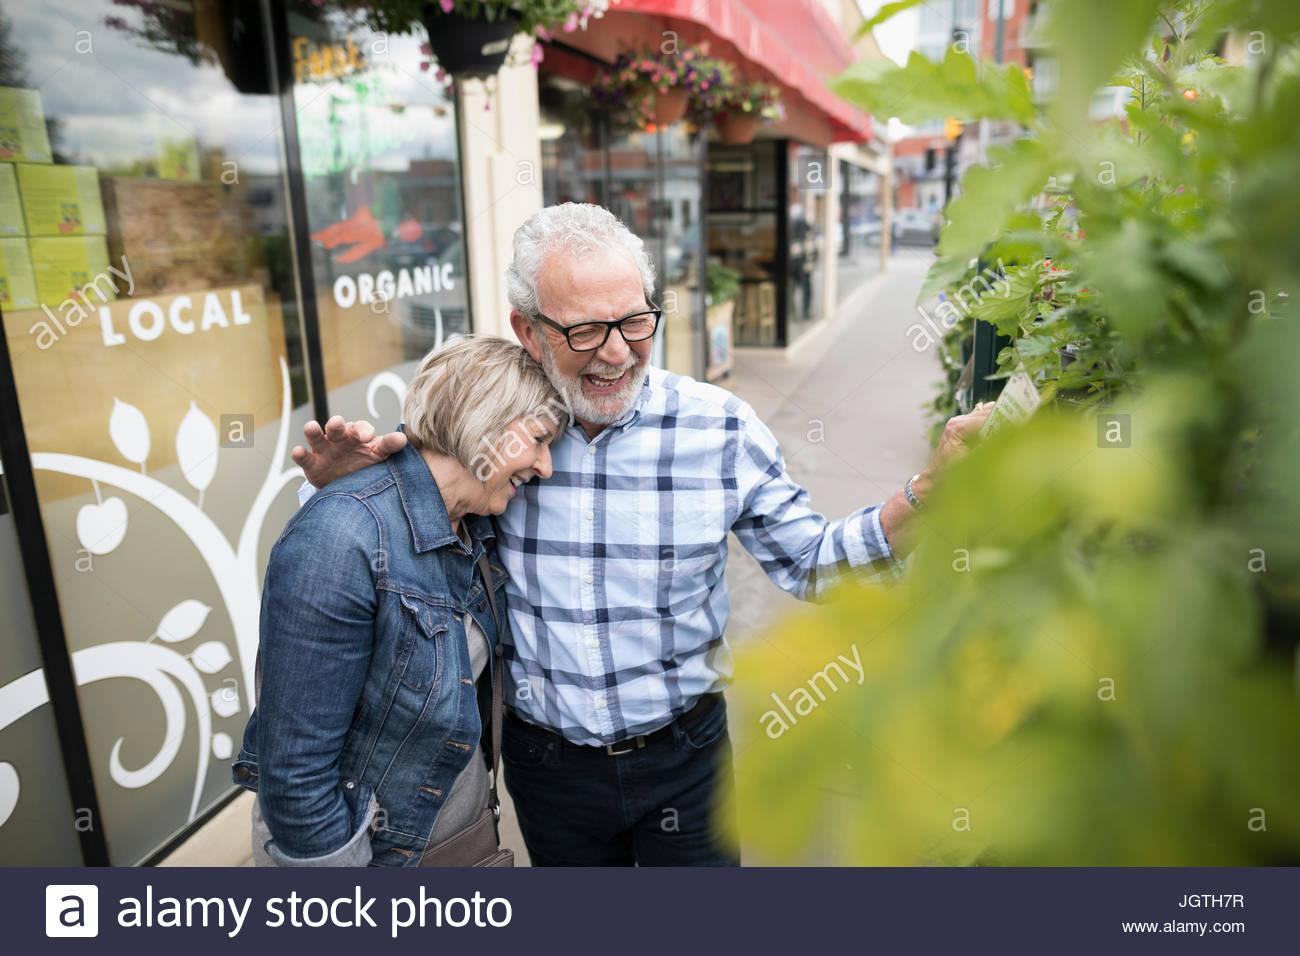 Lachen, liebevolle älteres paar shopping für Pflanzen im städtischen Schaufenster Bürgersteig Stockbild